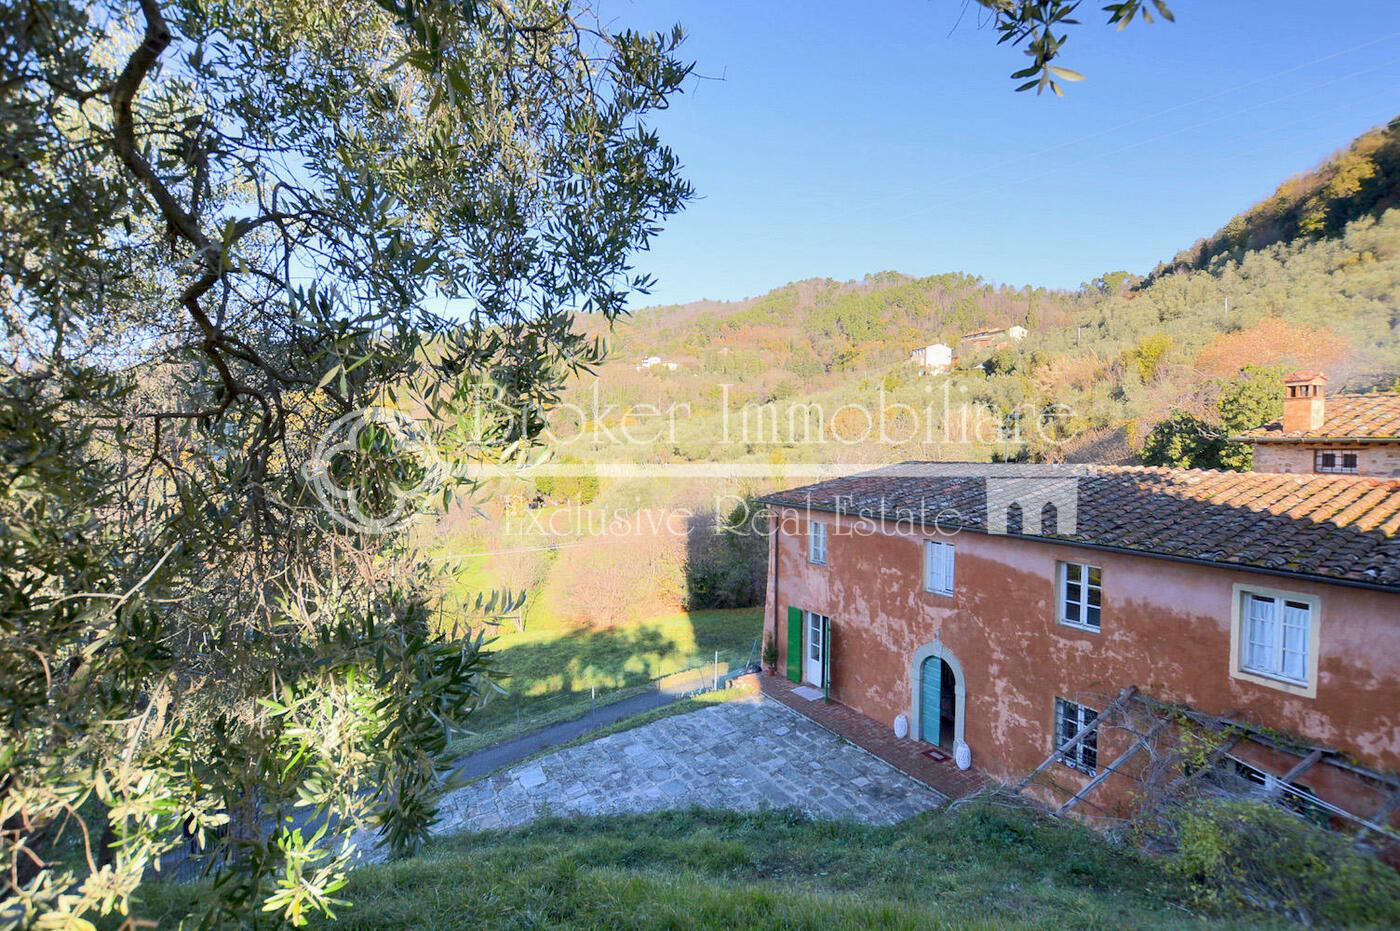 Casale in vendita a Lucca risalente al 1700, in posizione collinare